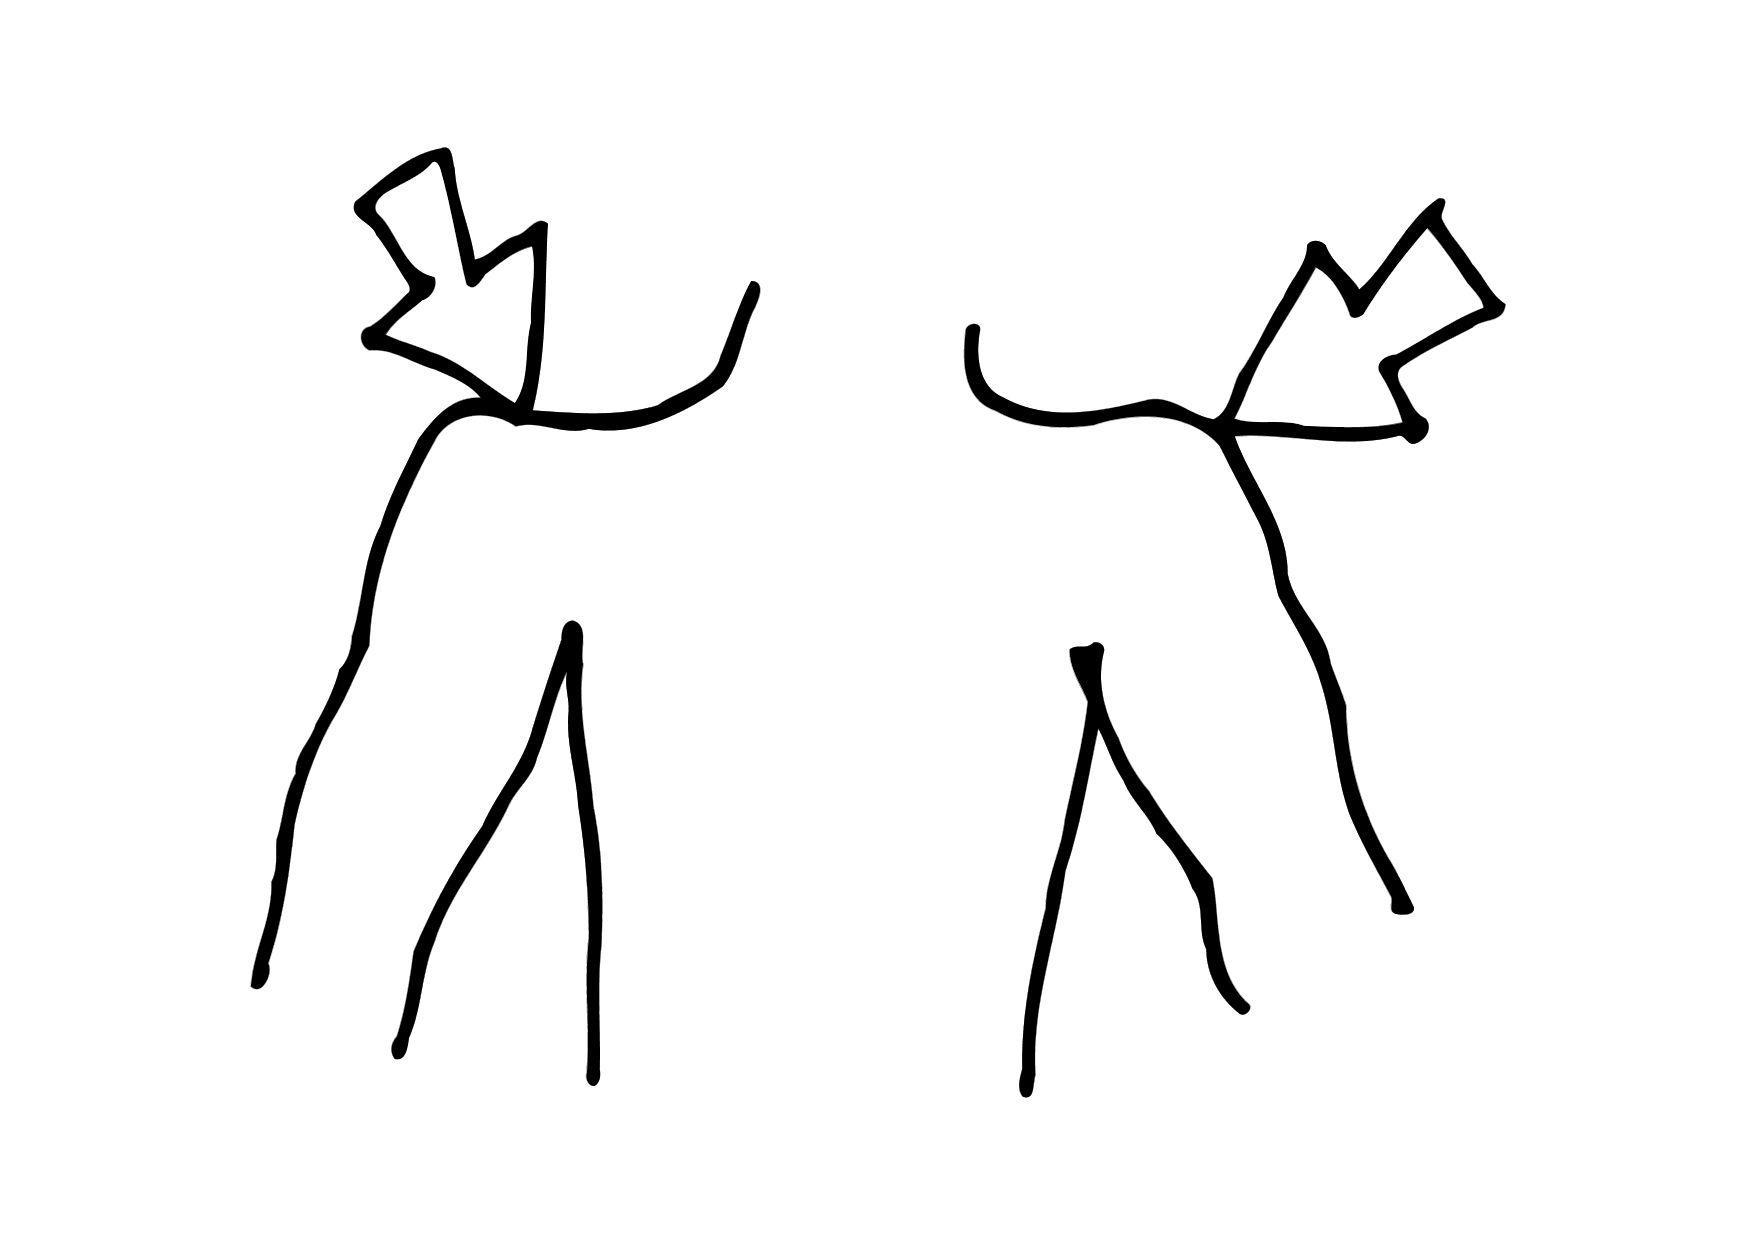 Cuerpo Dibujo Partes Del De Humano